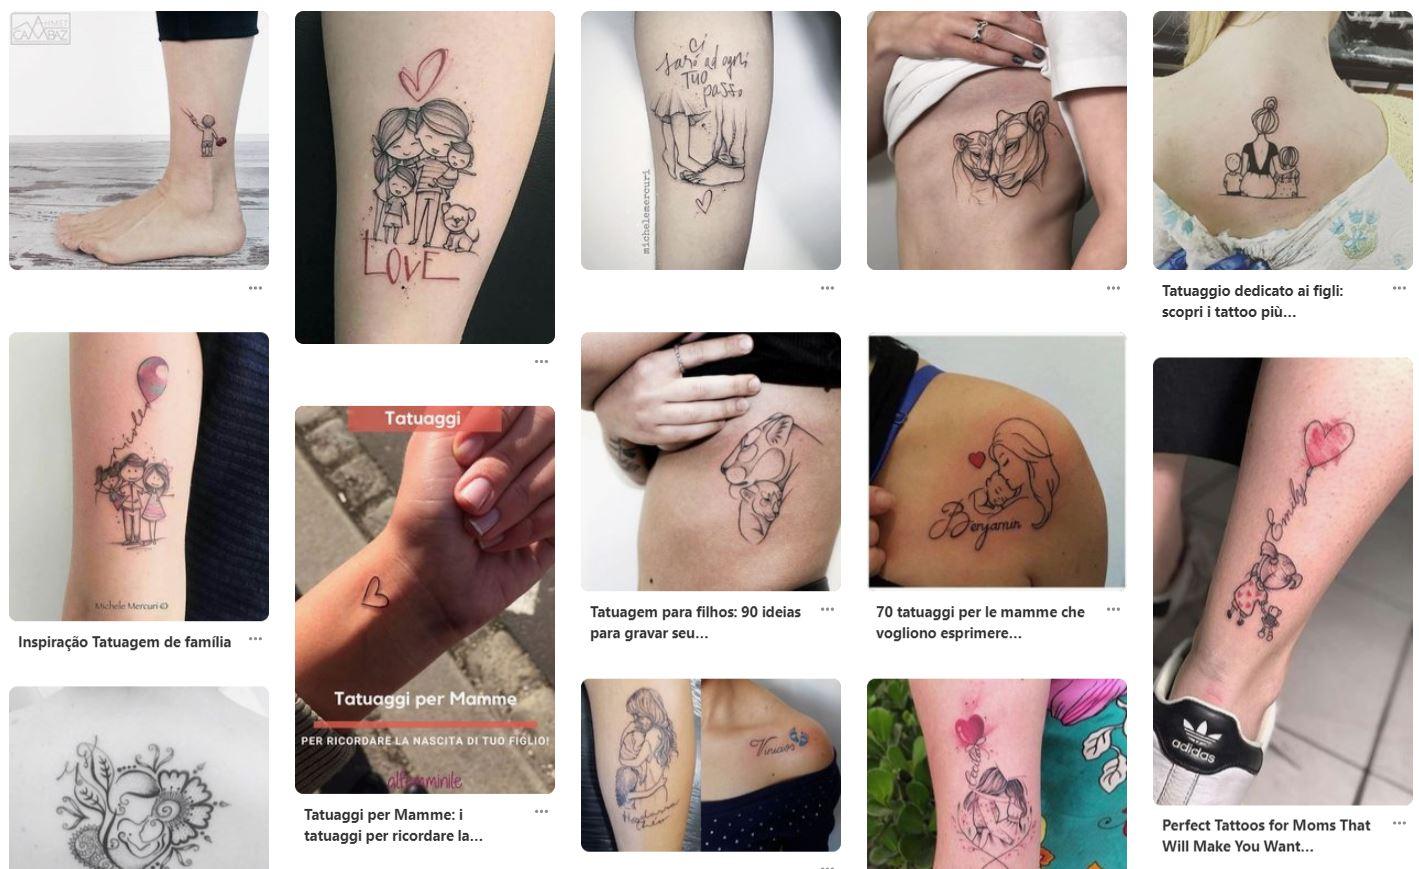 Idee per tatuaggi belli da dedicare ai figli